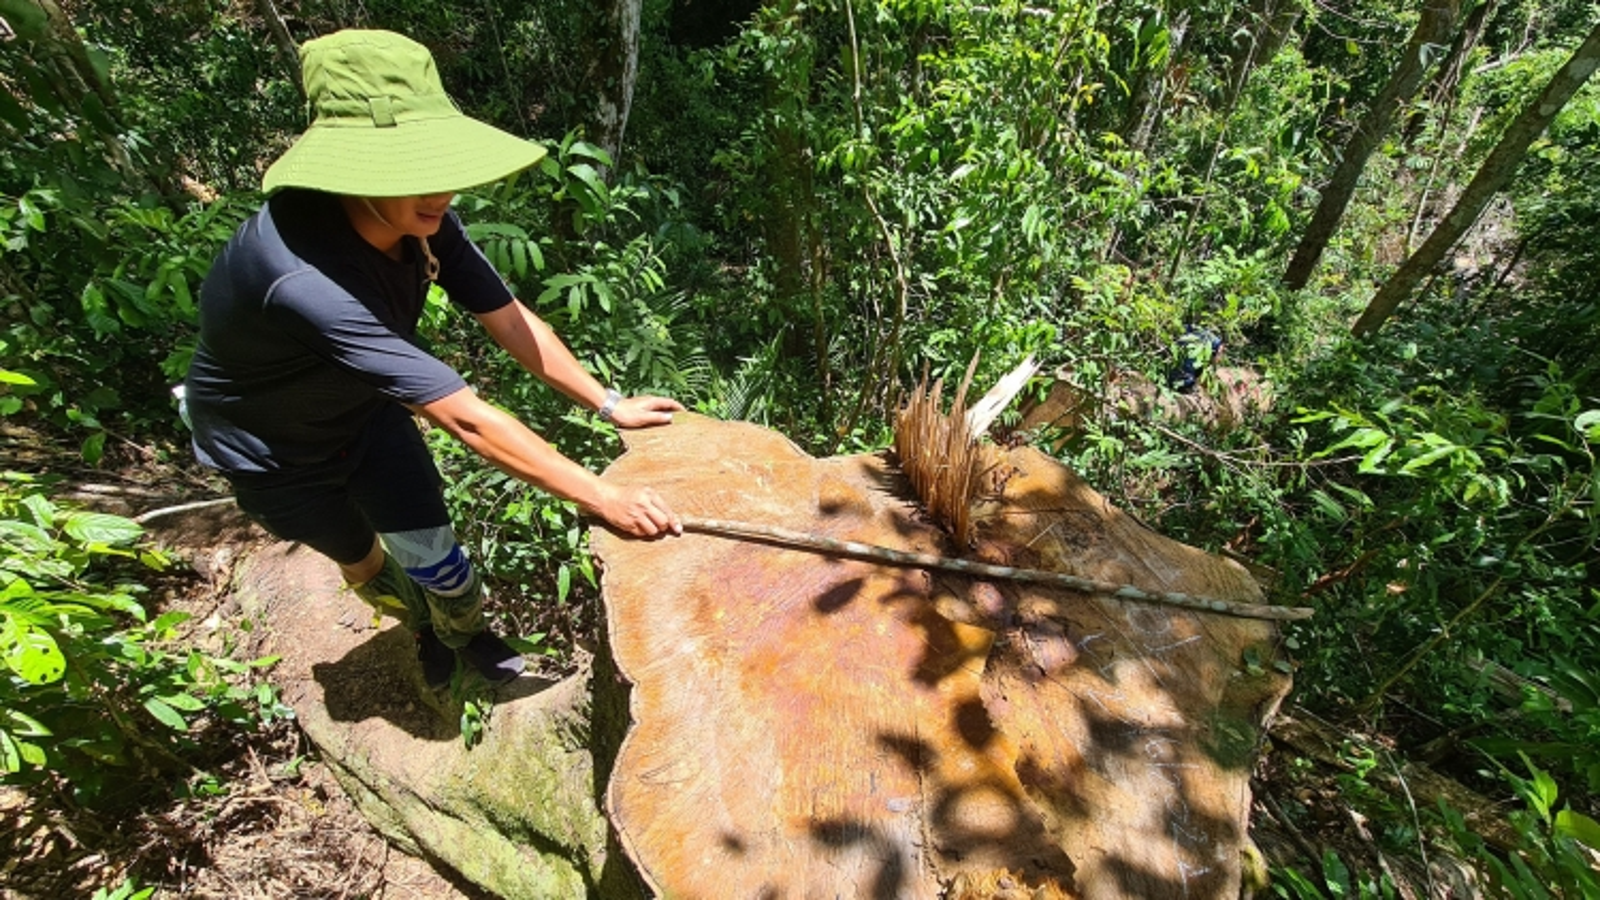 Sửa nghị quyết về quy hoạch rừng - vấn đề lớn tại Kỳ họp HĐND tỉnh Gia Lai